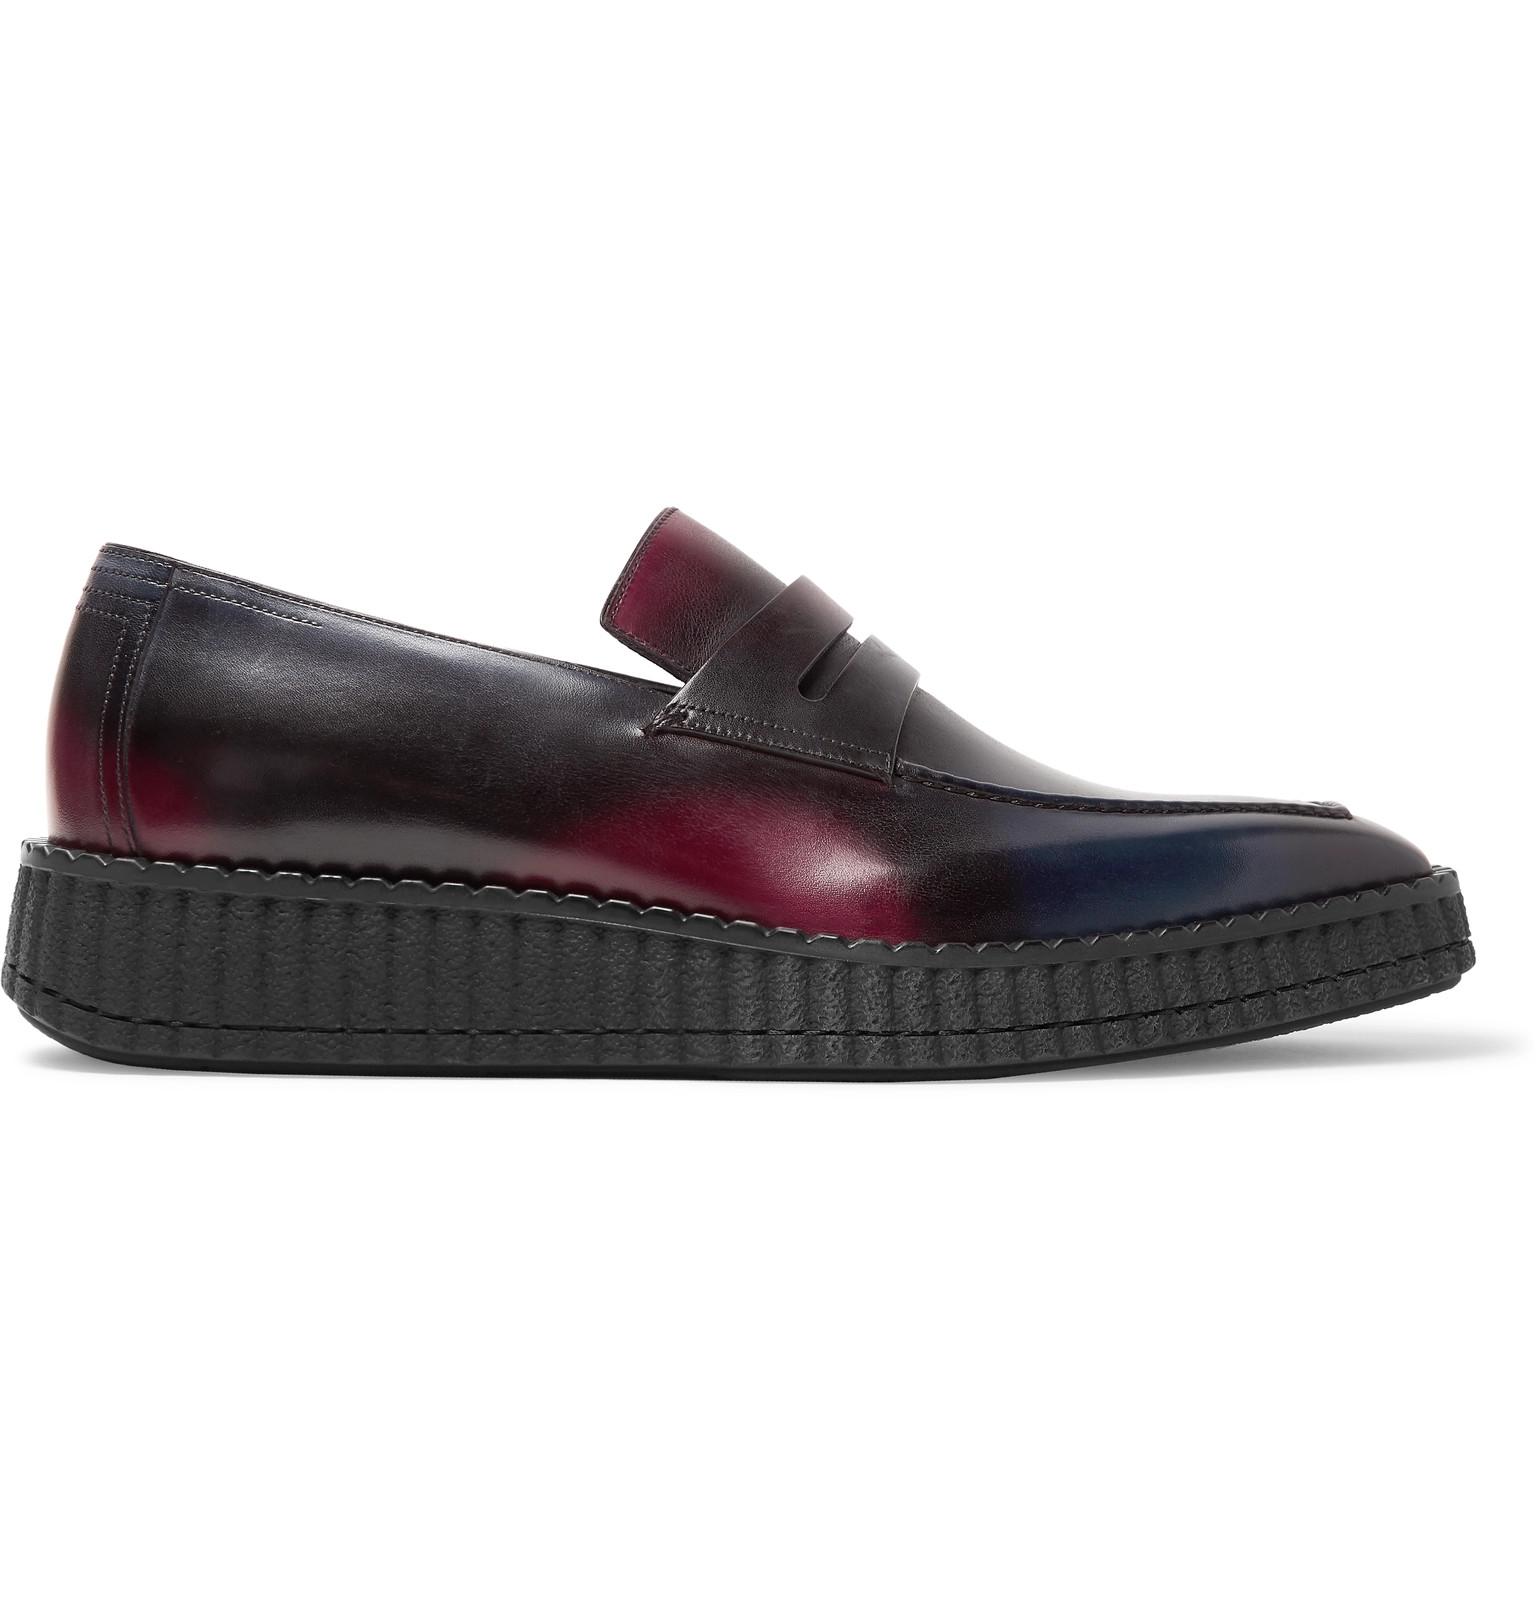 3a94691029c8a Berluti - Andy Demesure Venezia Leather Loafers